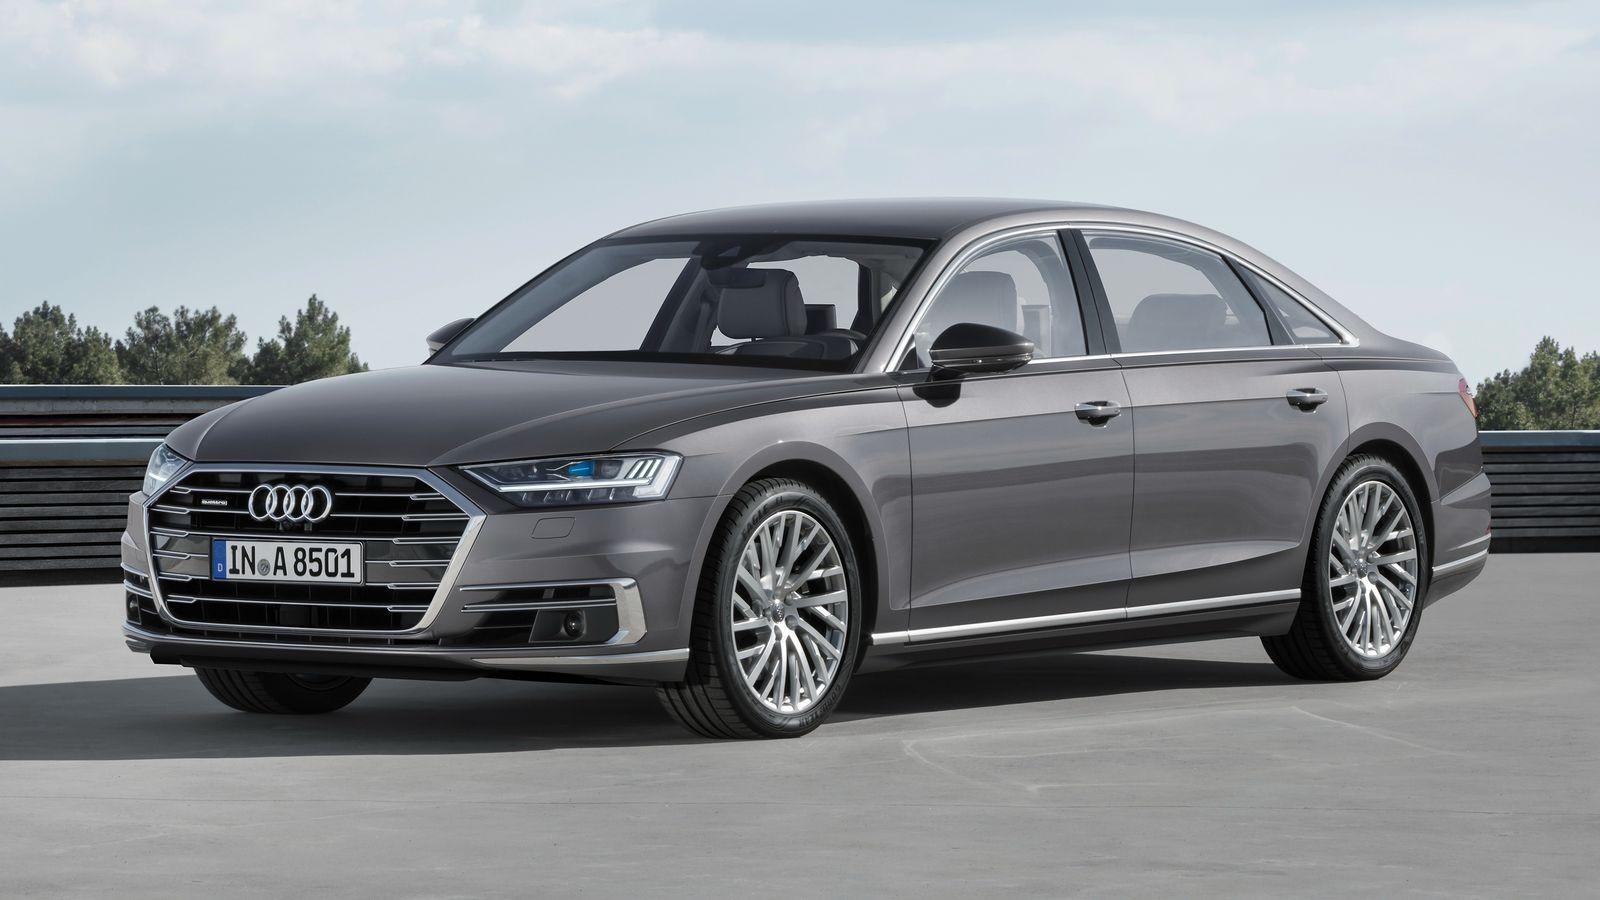 Audi A8 L 55 TFSI quattro